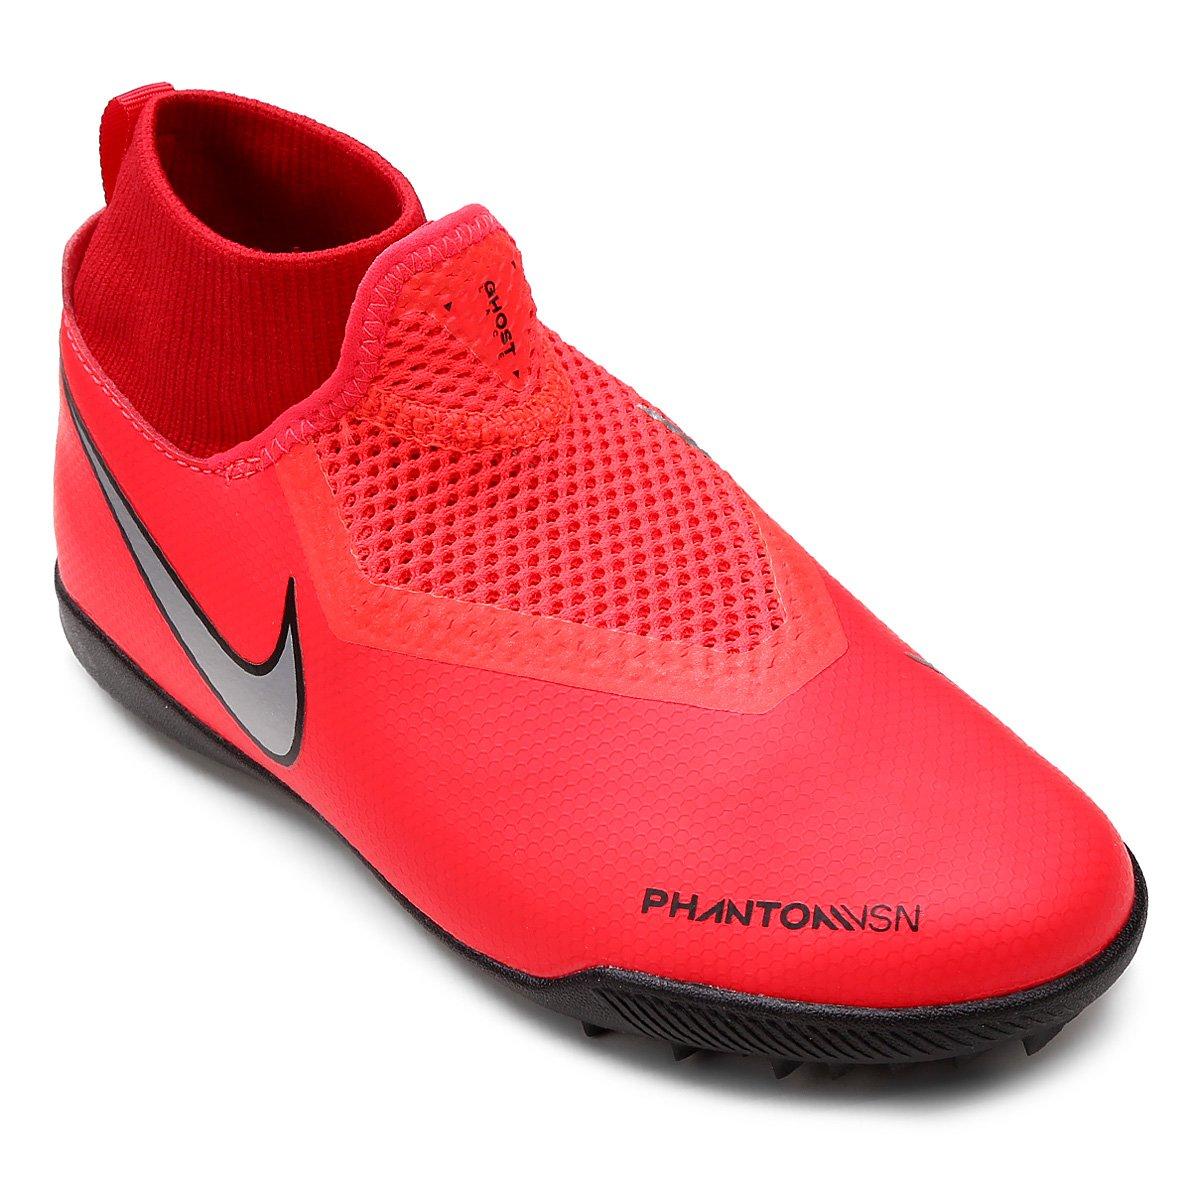 Chuteira Society Infantil Nike Phantom Vision Academy TF - Compre ... e2783e4c91fa0